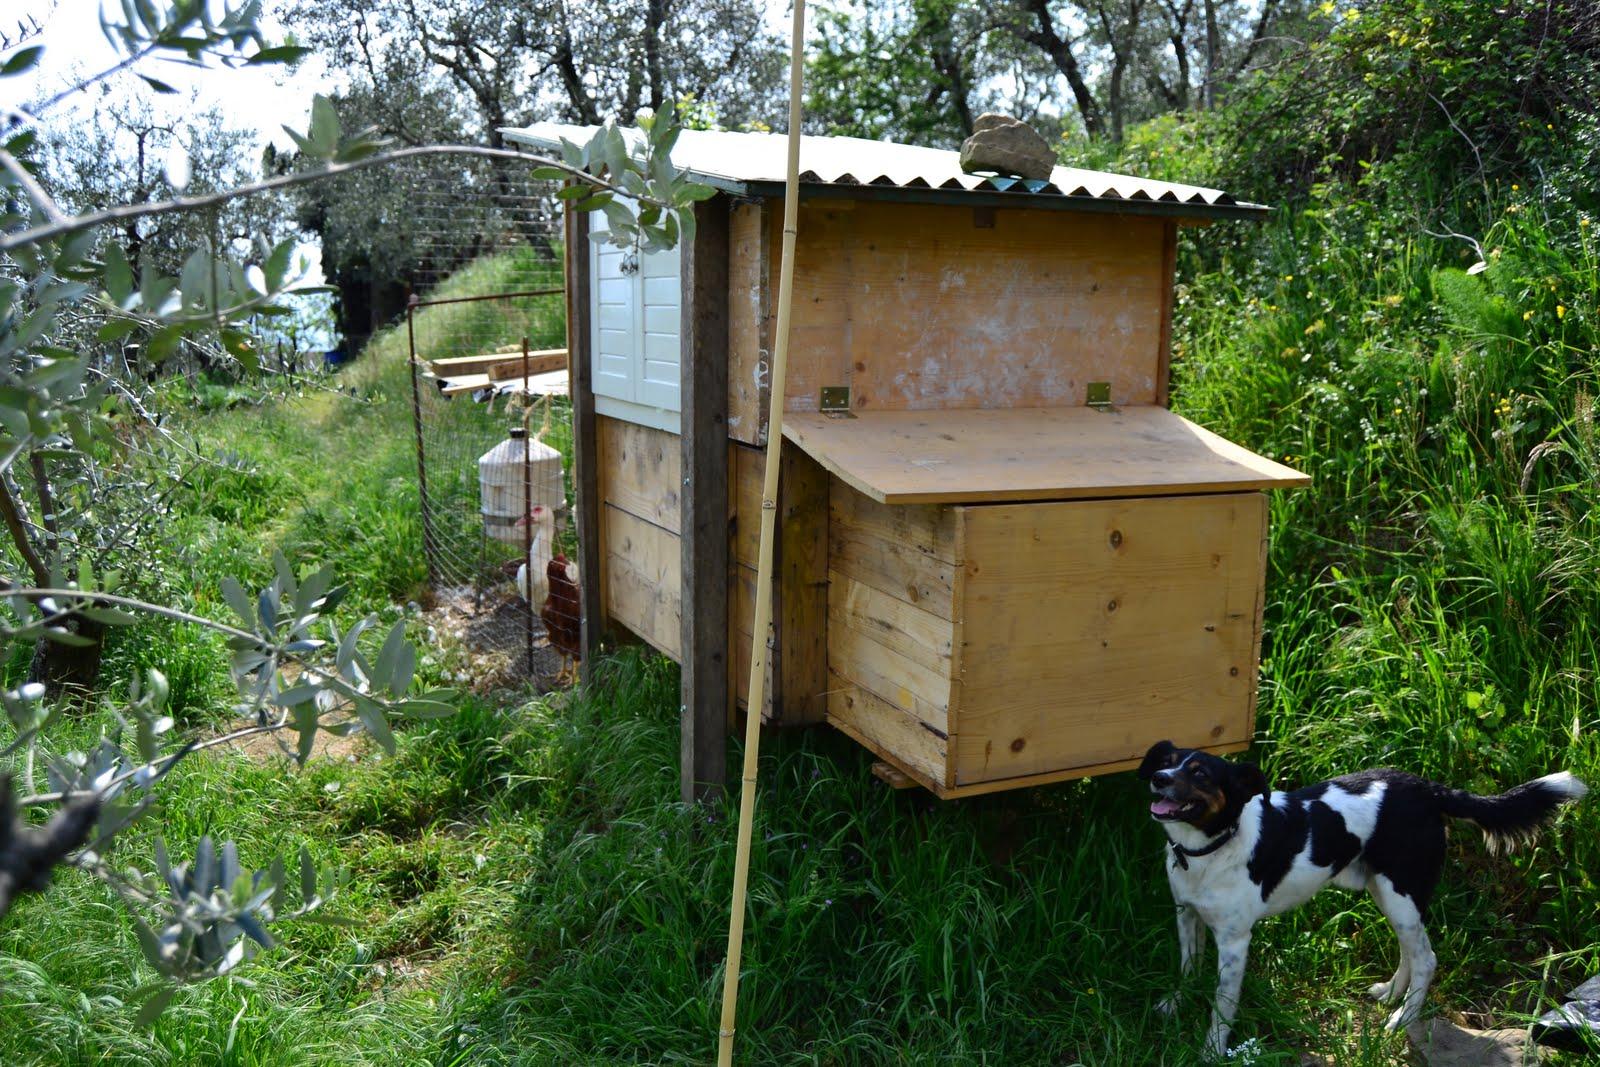 I sogni di harlock costruire un pollaio a costo zero in for Costo dei garage da costruire